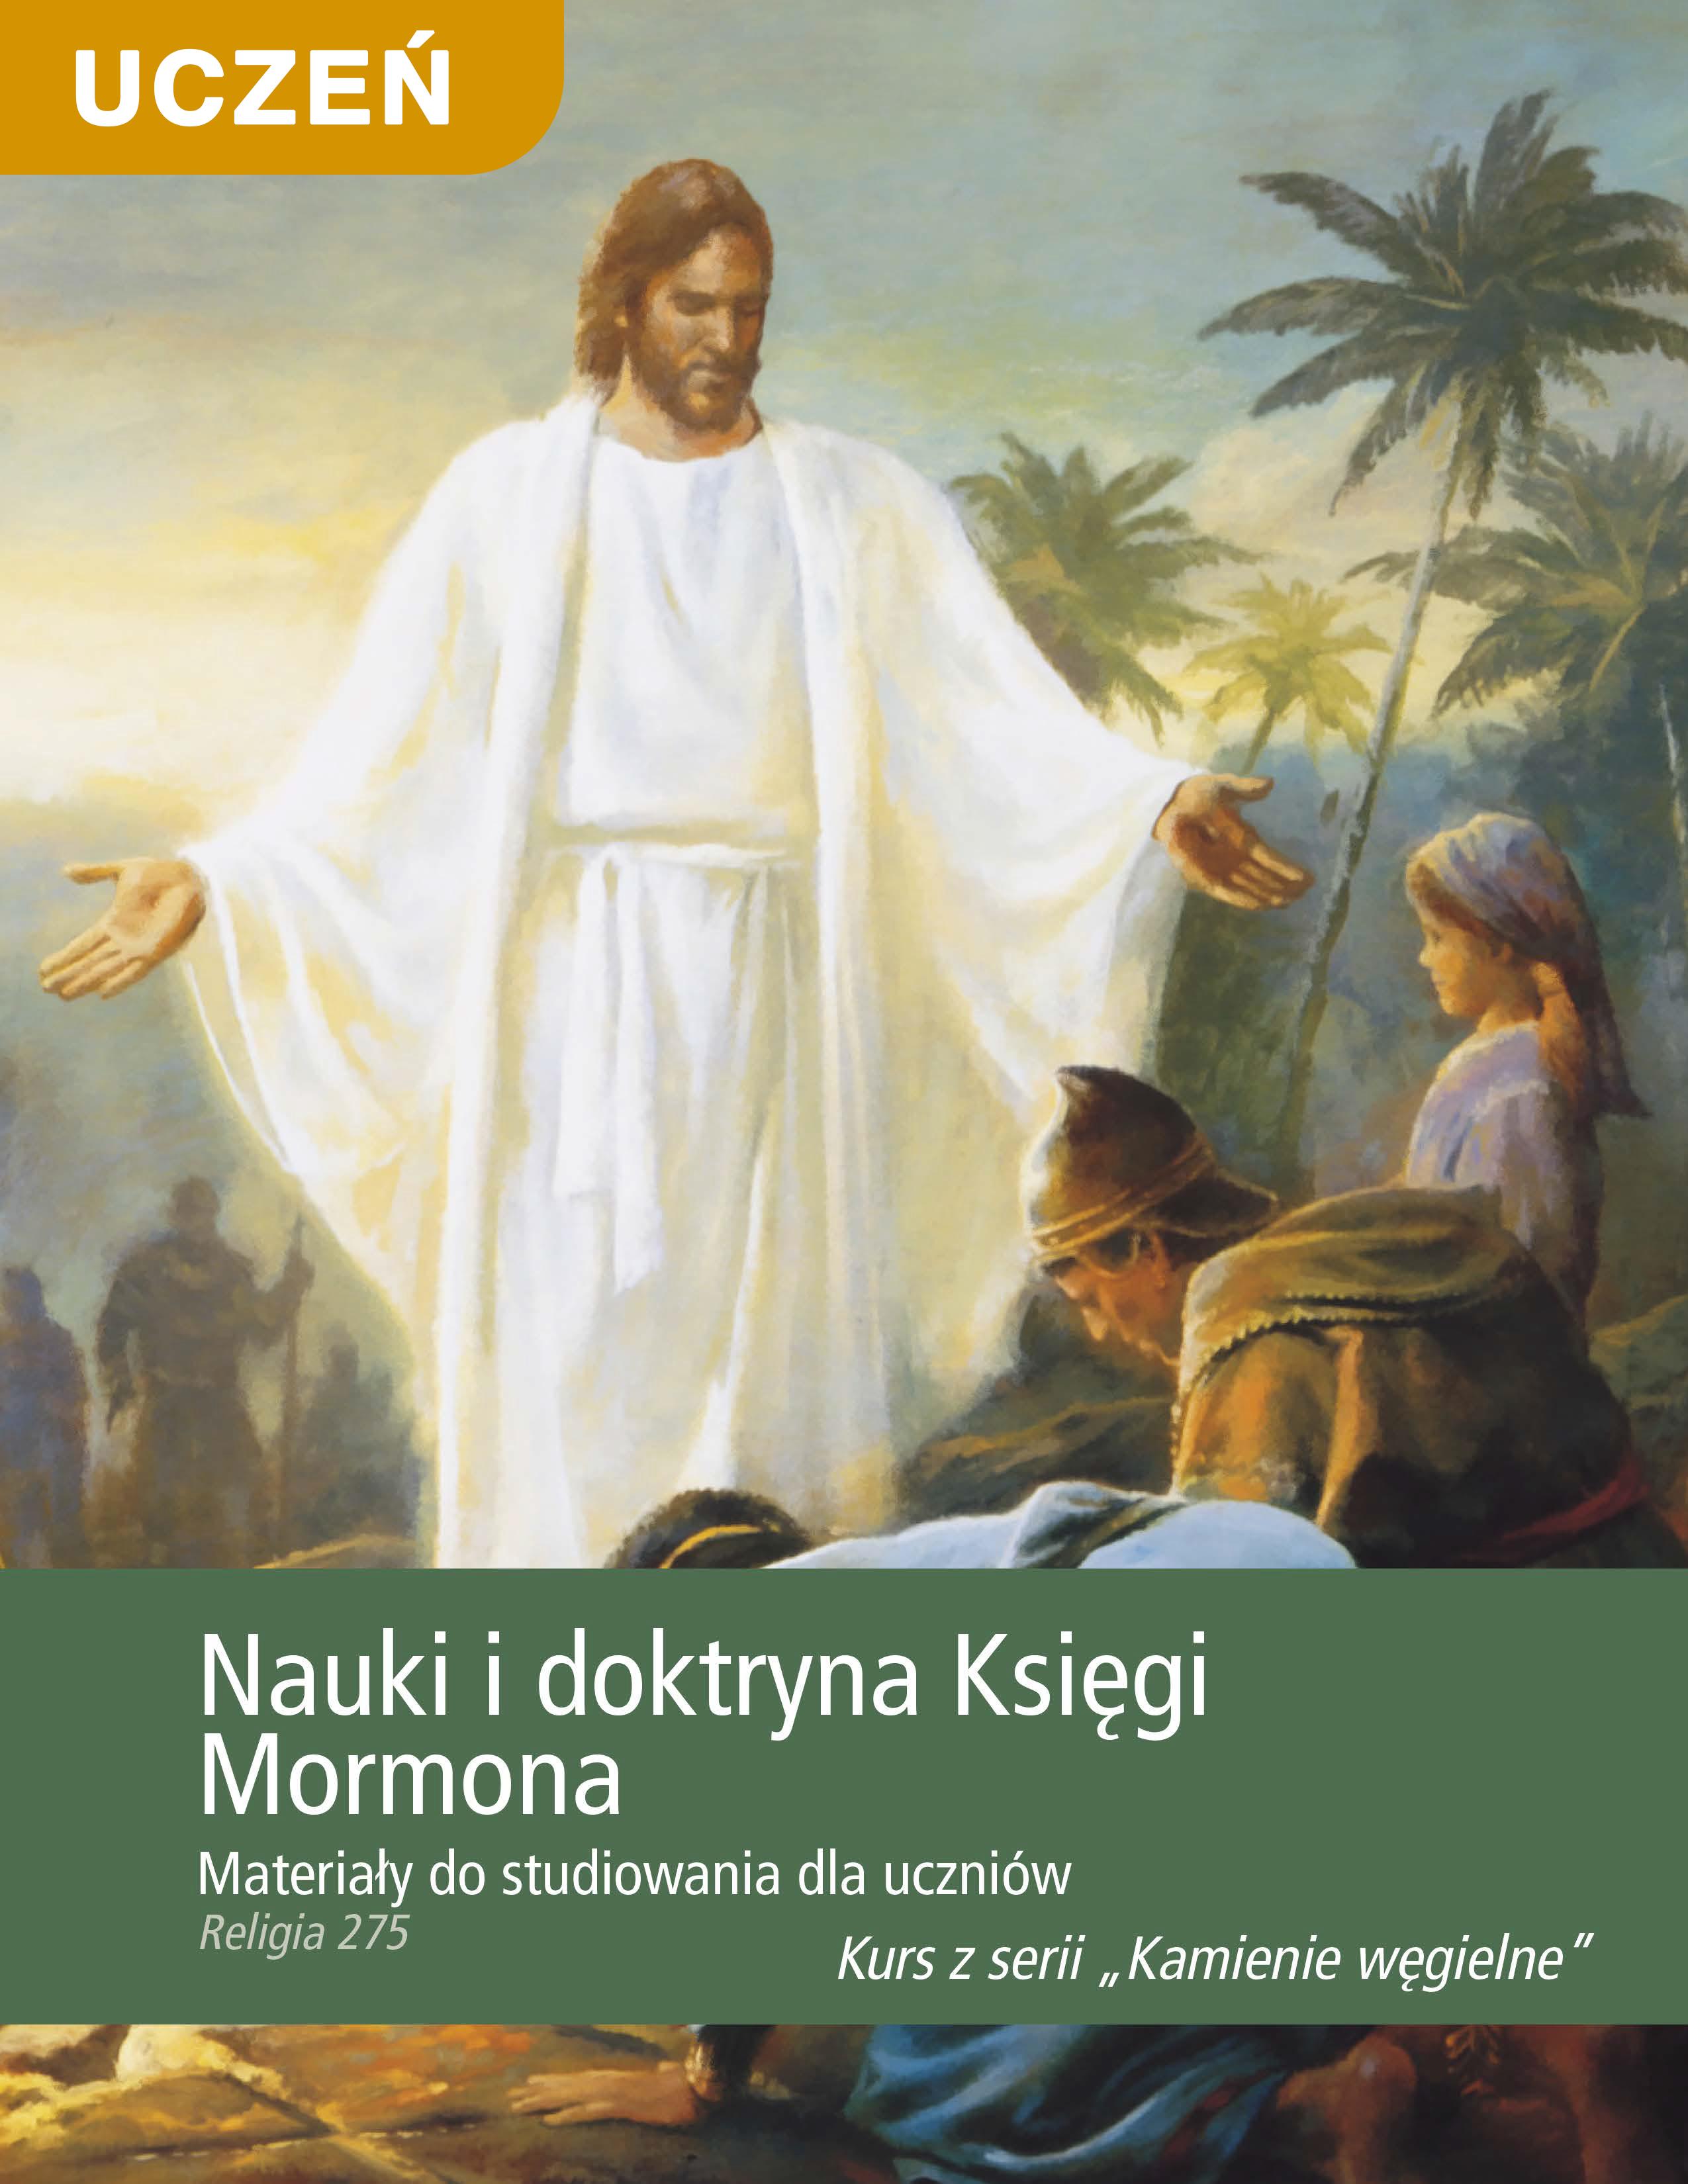 Nauki i doktryna Księgi Mormona. Materiały do studiowania dla uczniów (Rel 275)